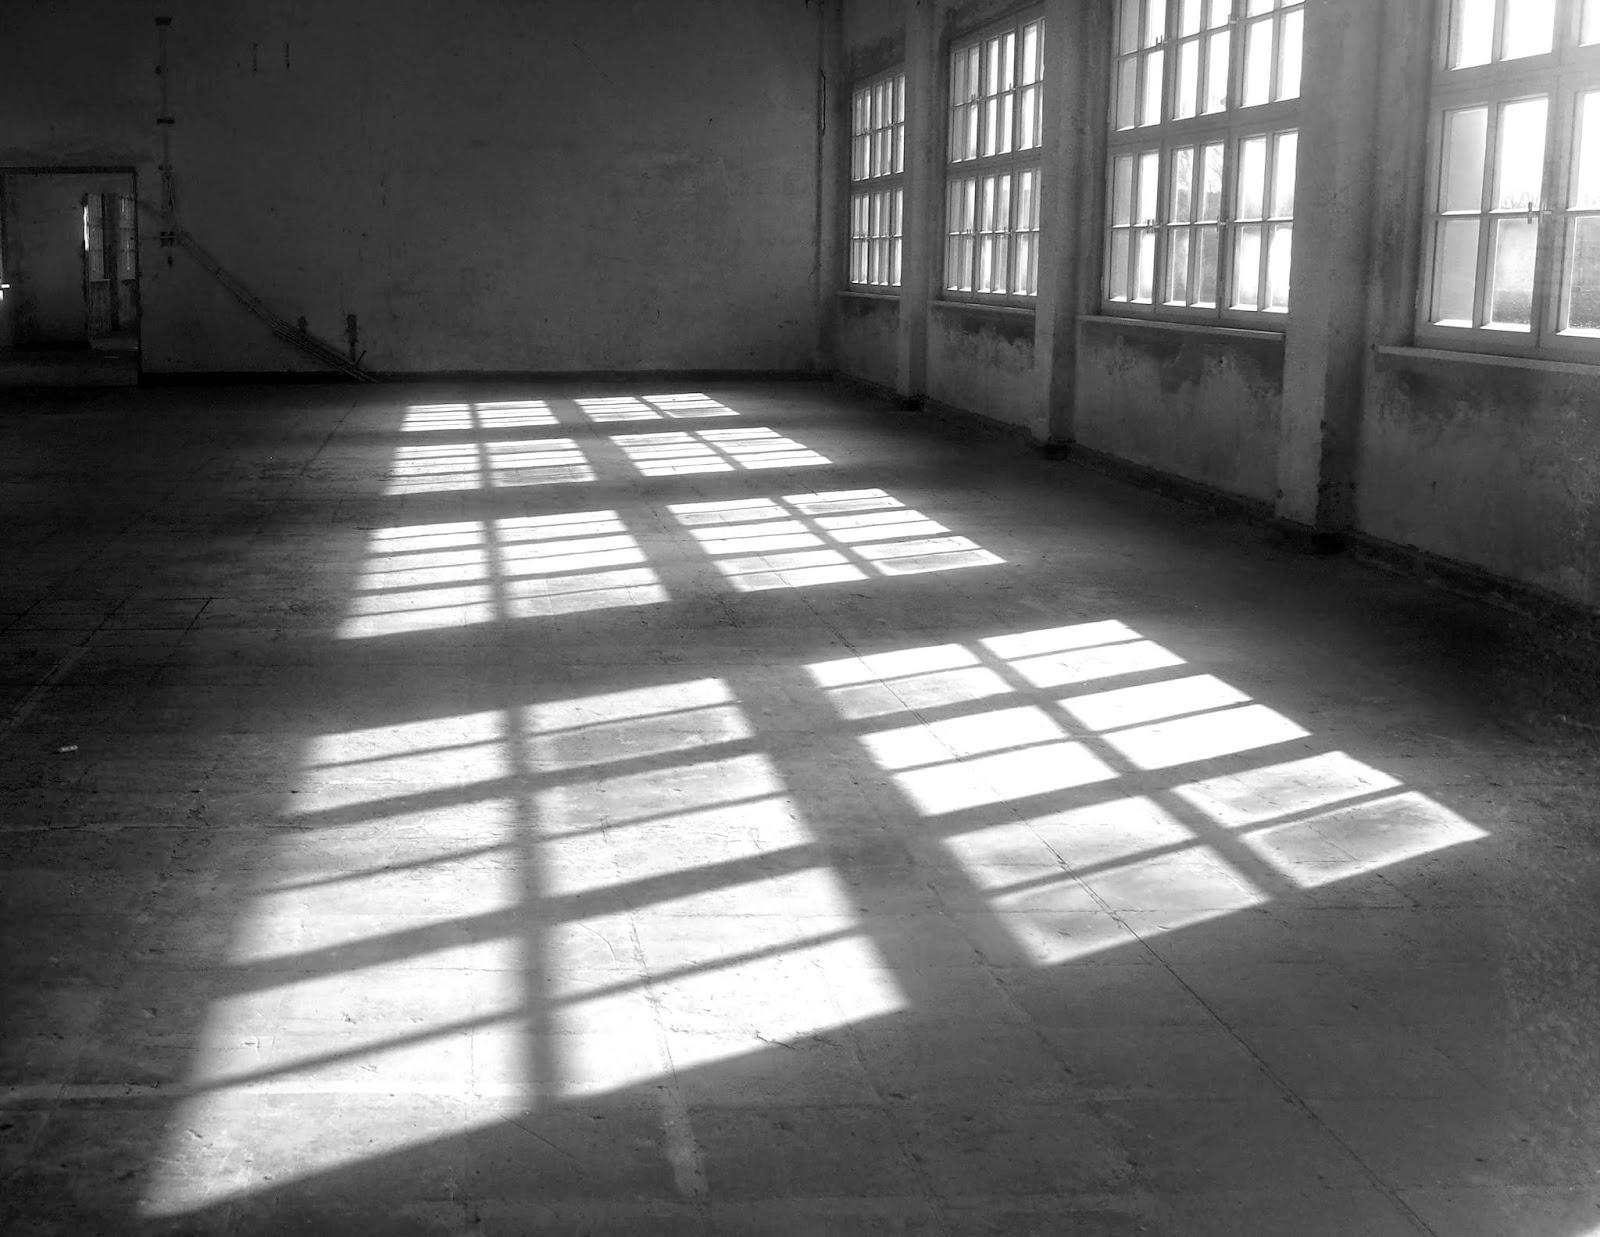 Reflektierendes Sonnenlicht auf dem Boden der ehemaligen Schneiderei. Der Raum ist leer.